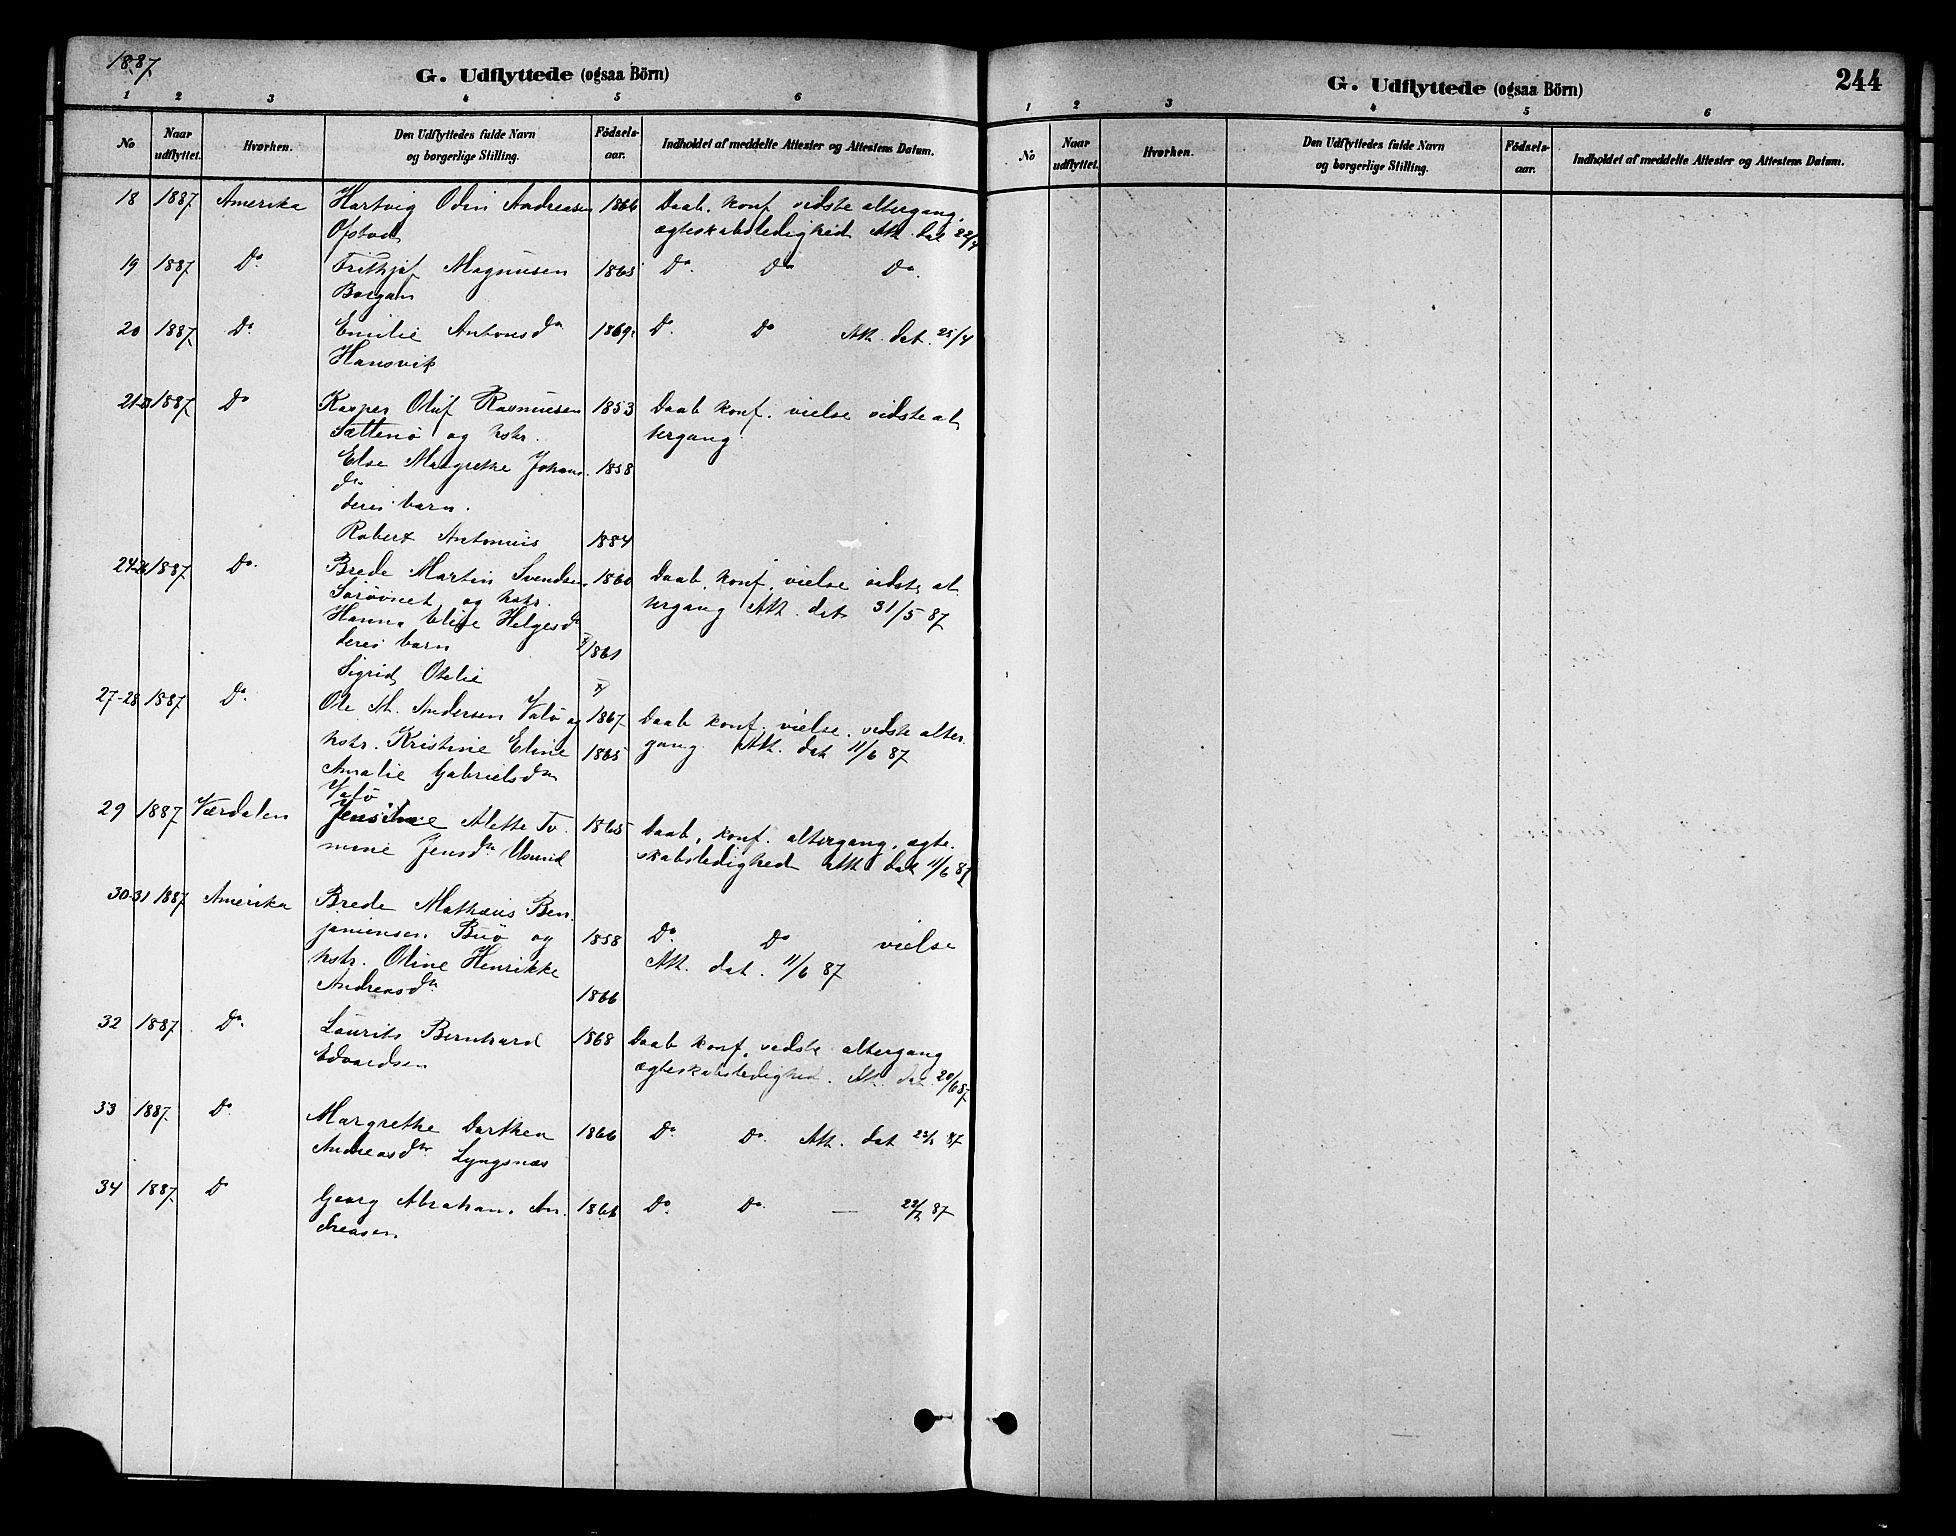 SAT, Ministerialprotokoller, klokkerbøker og fødselsregistre - Nord-Trøndelag, 786/L0686: Ministerialbok nr. 786A02, 1880-1887, s. 244